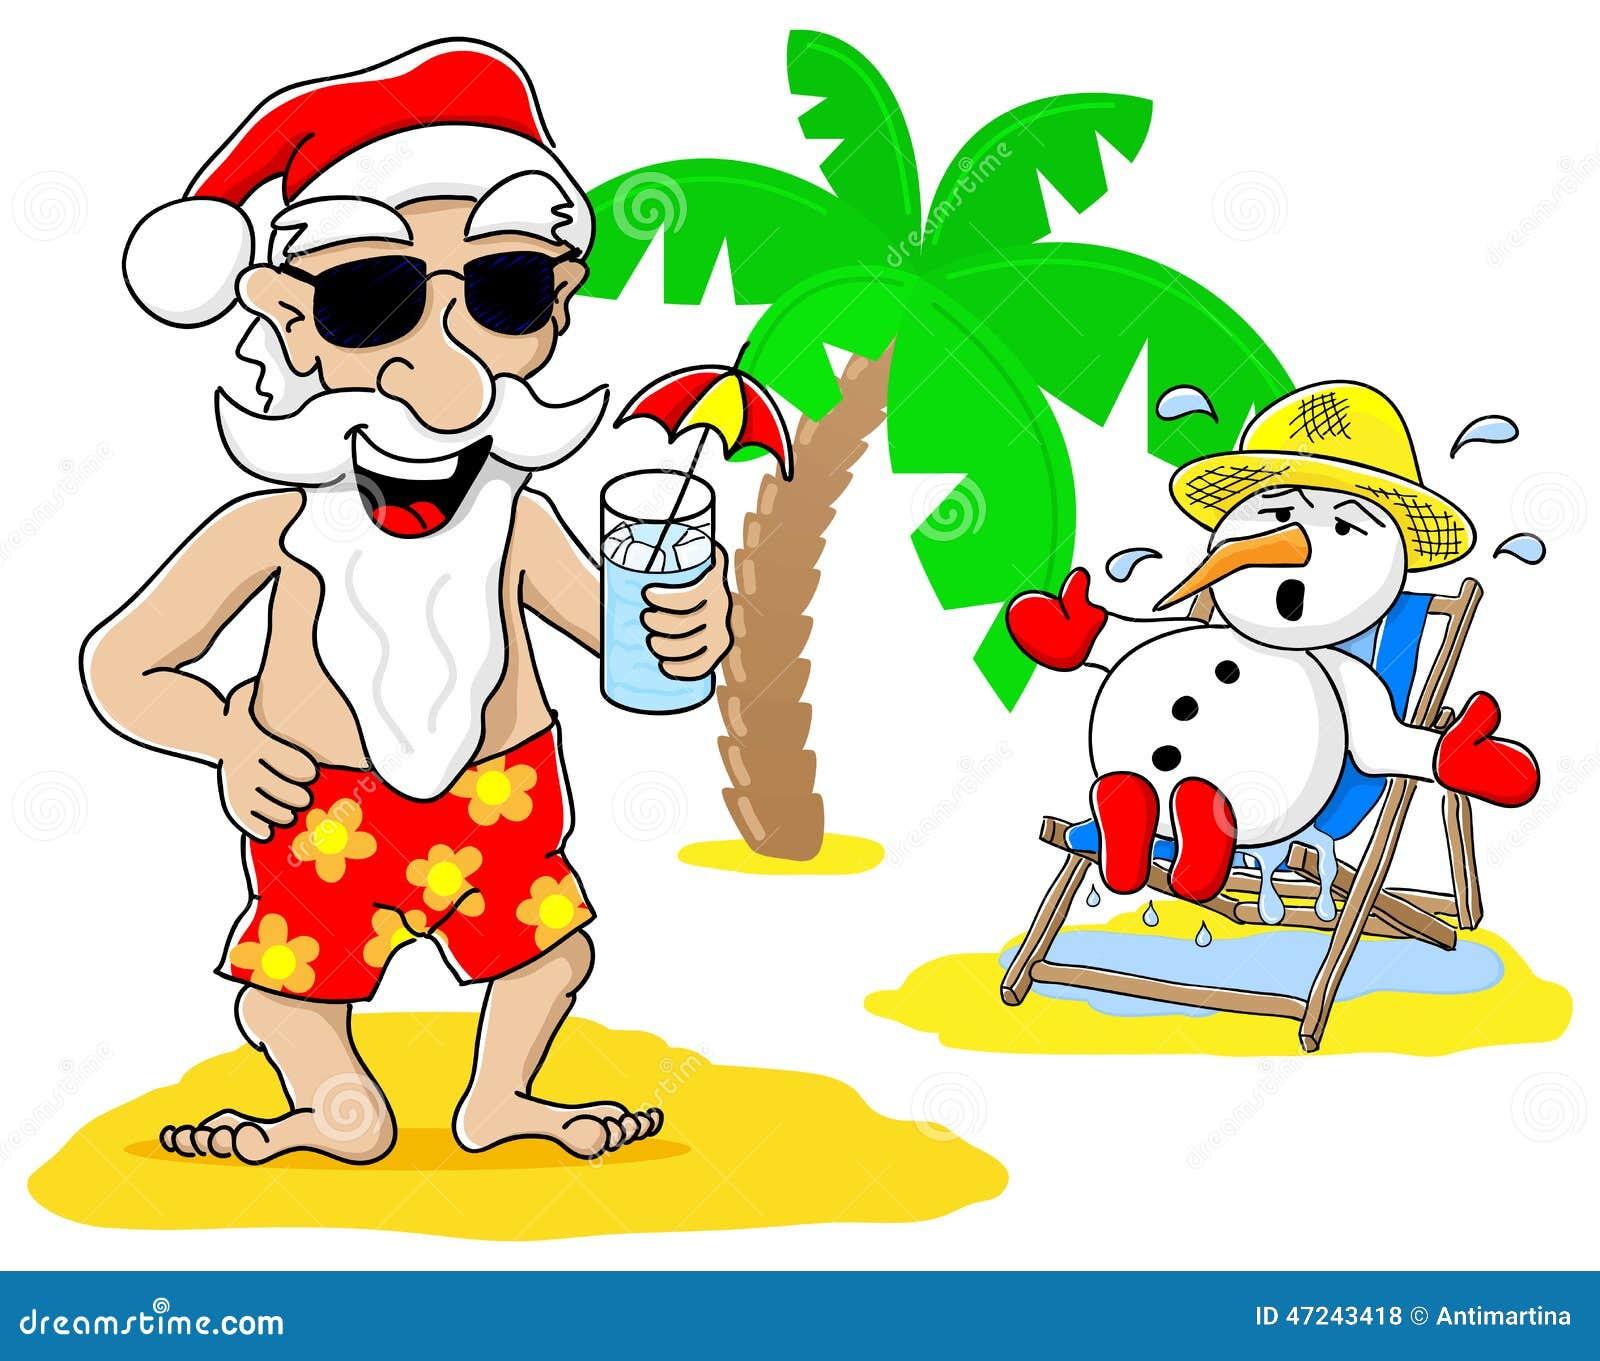 ... Vector: Santa claus and snowman at christmas on vacation at the beach